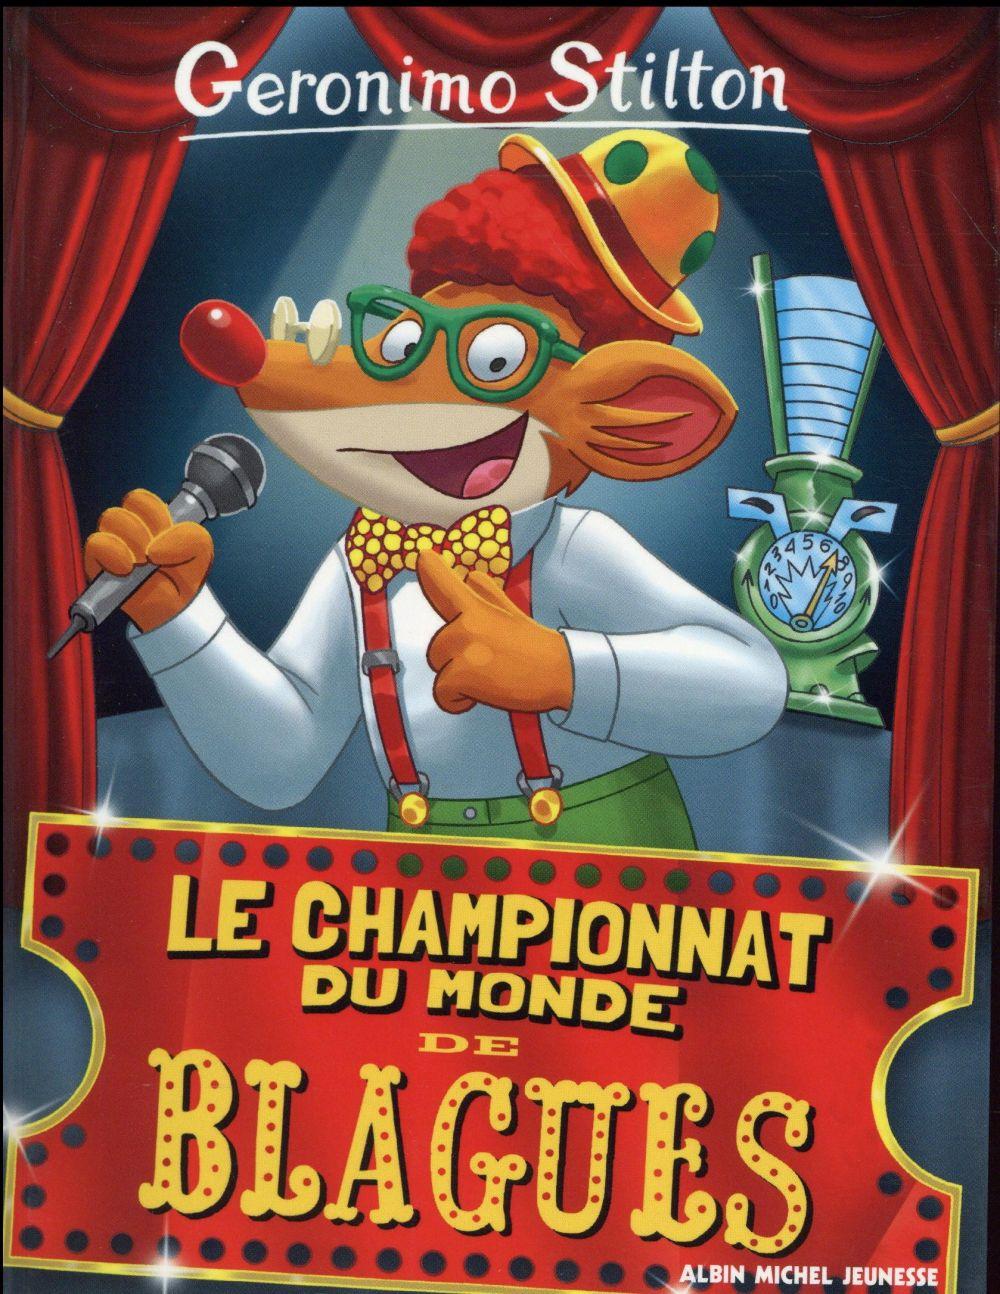 Le championnat du monde de blagues stilton geronimo for Championnat du monde de boules carrees